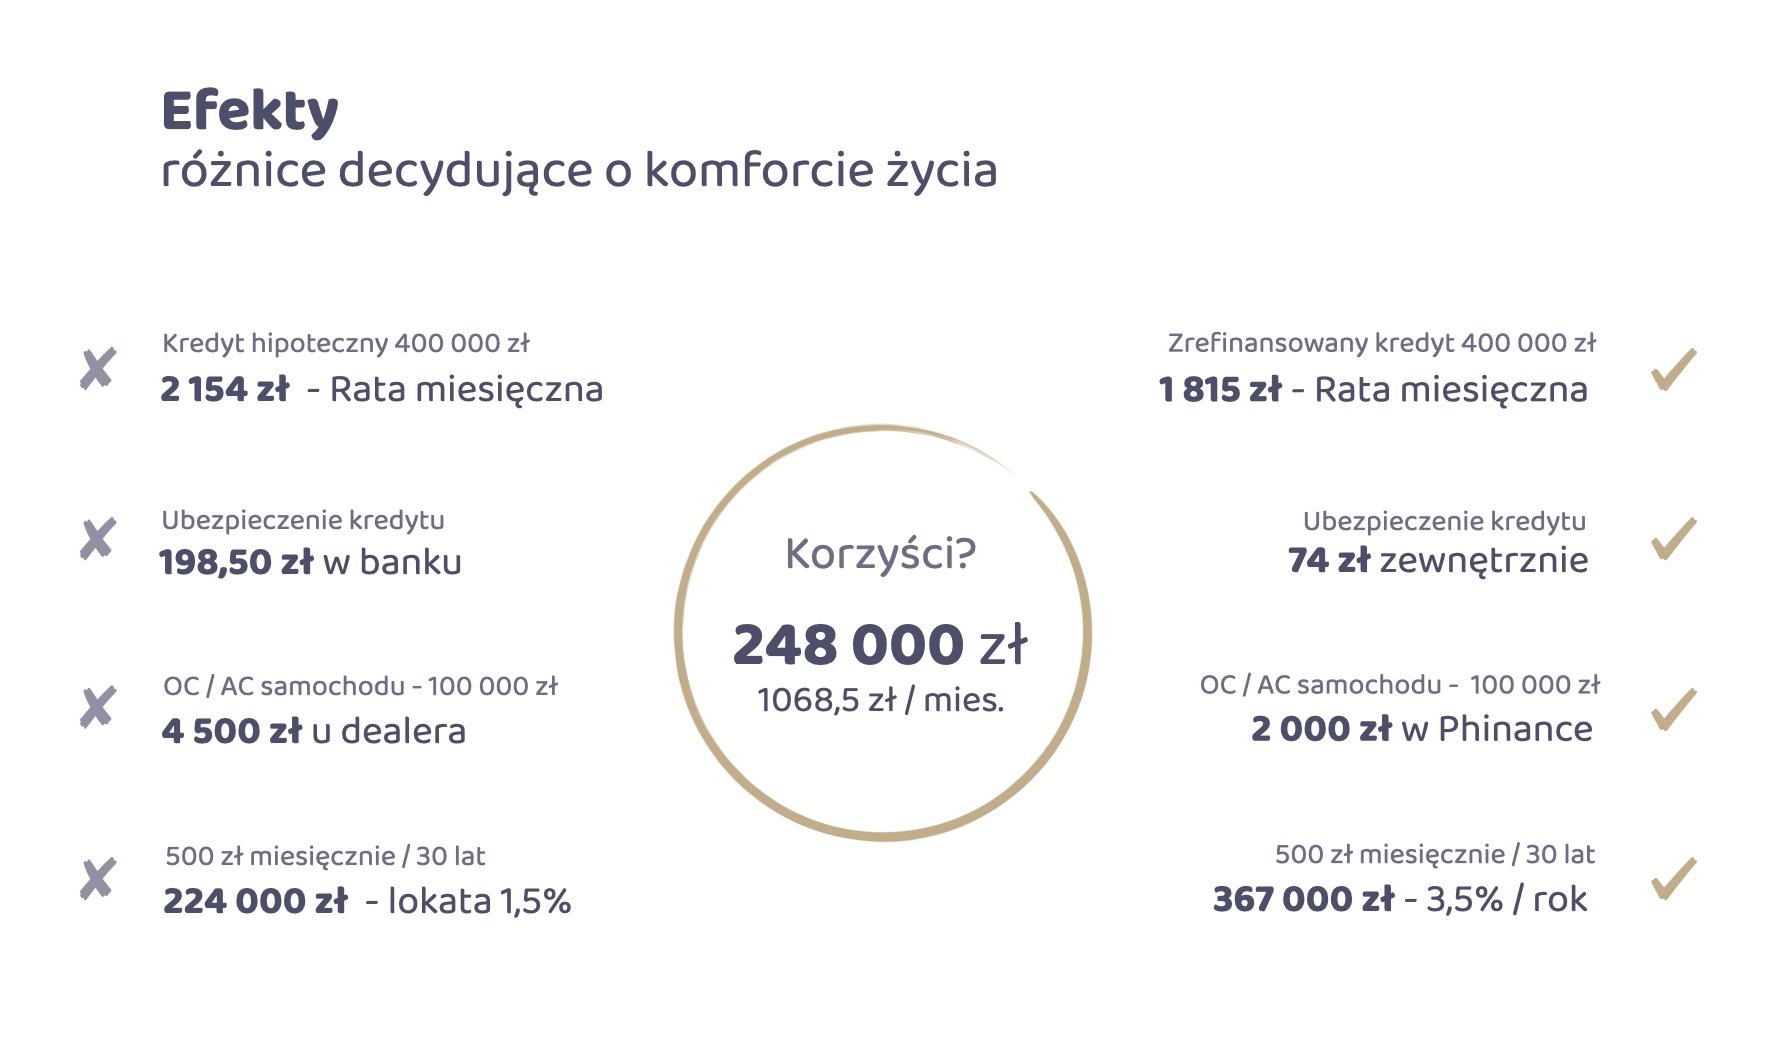 Korzyści ze współpracy - Piotr Kruczek doradca finansowy